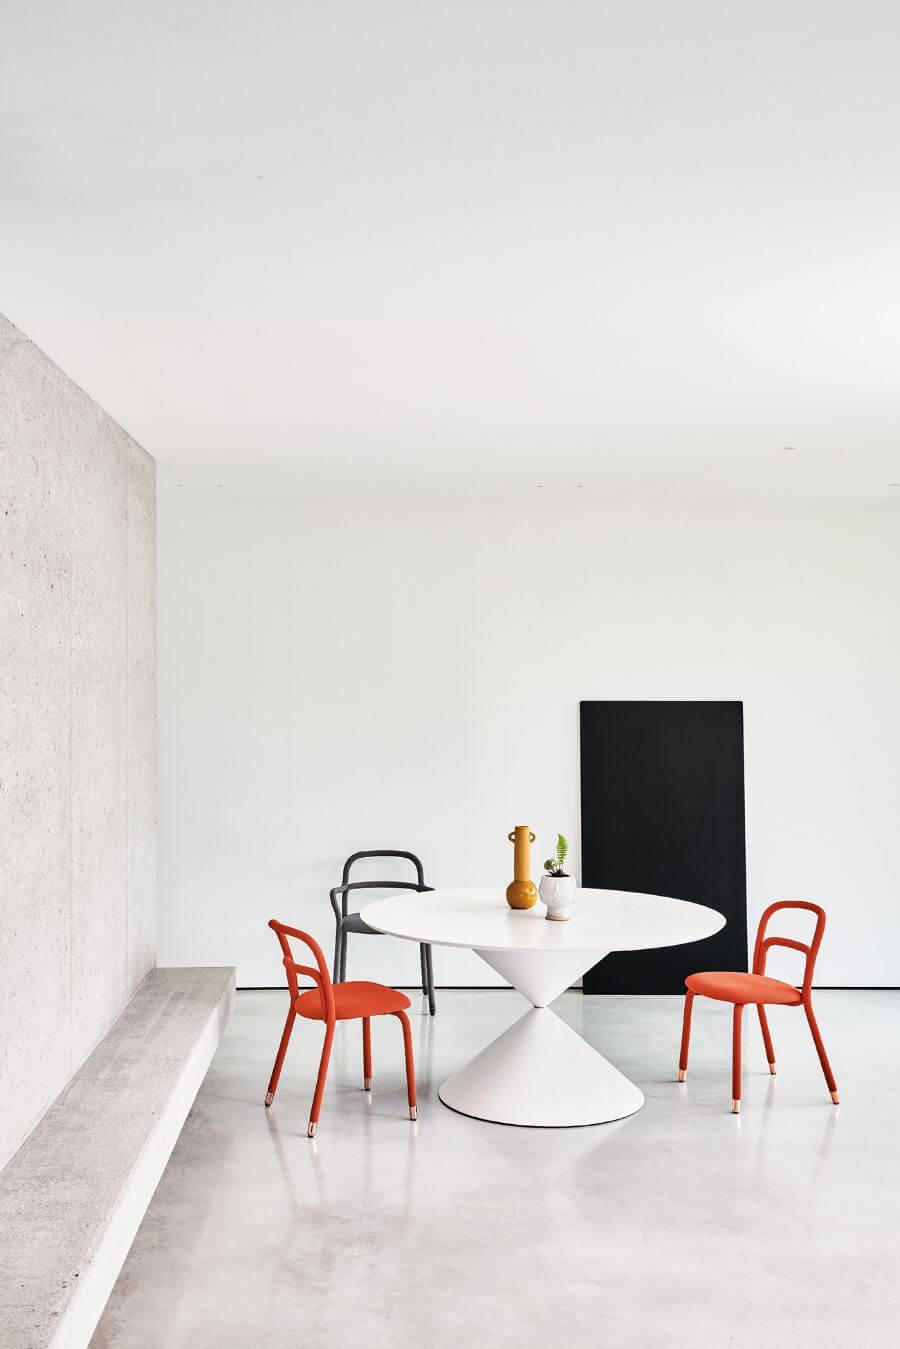 tavoli-collezione-clessidra-il-mobile (2)